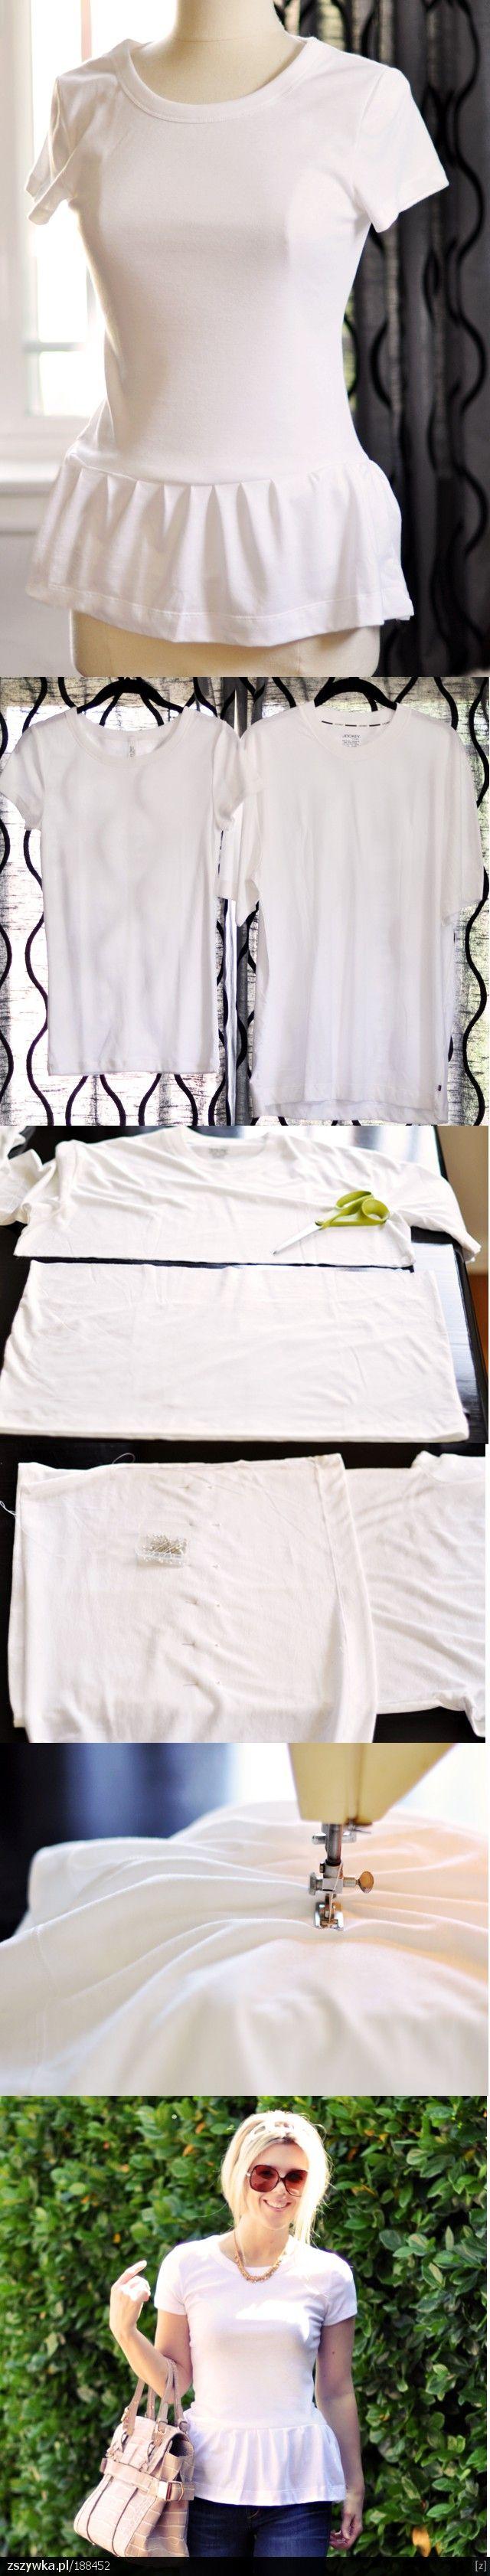 как из футболки сделать блузку